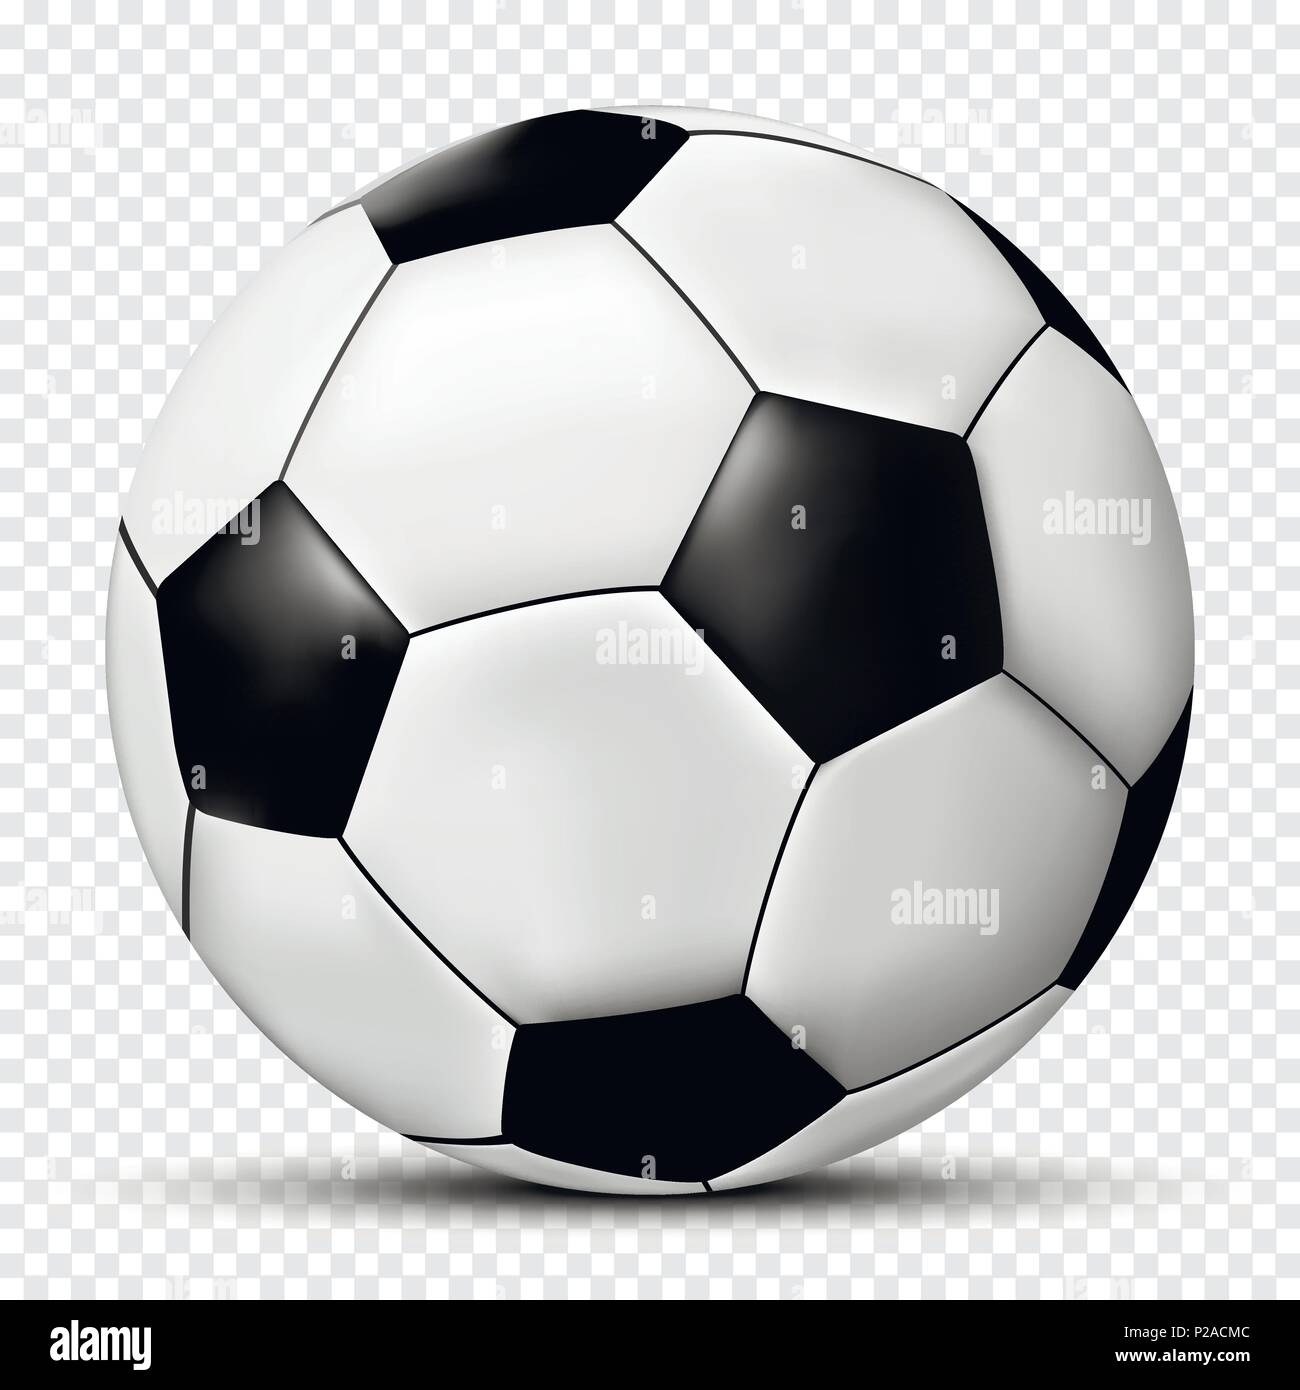 Fussball Oder Fussball Auf Transparenten Hintergrund Isoliert